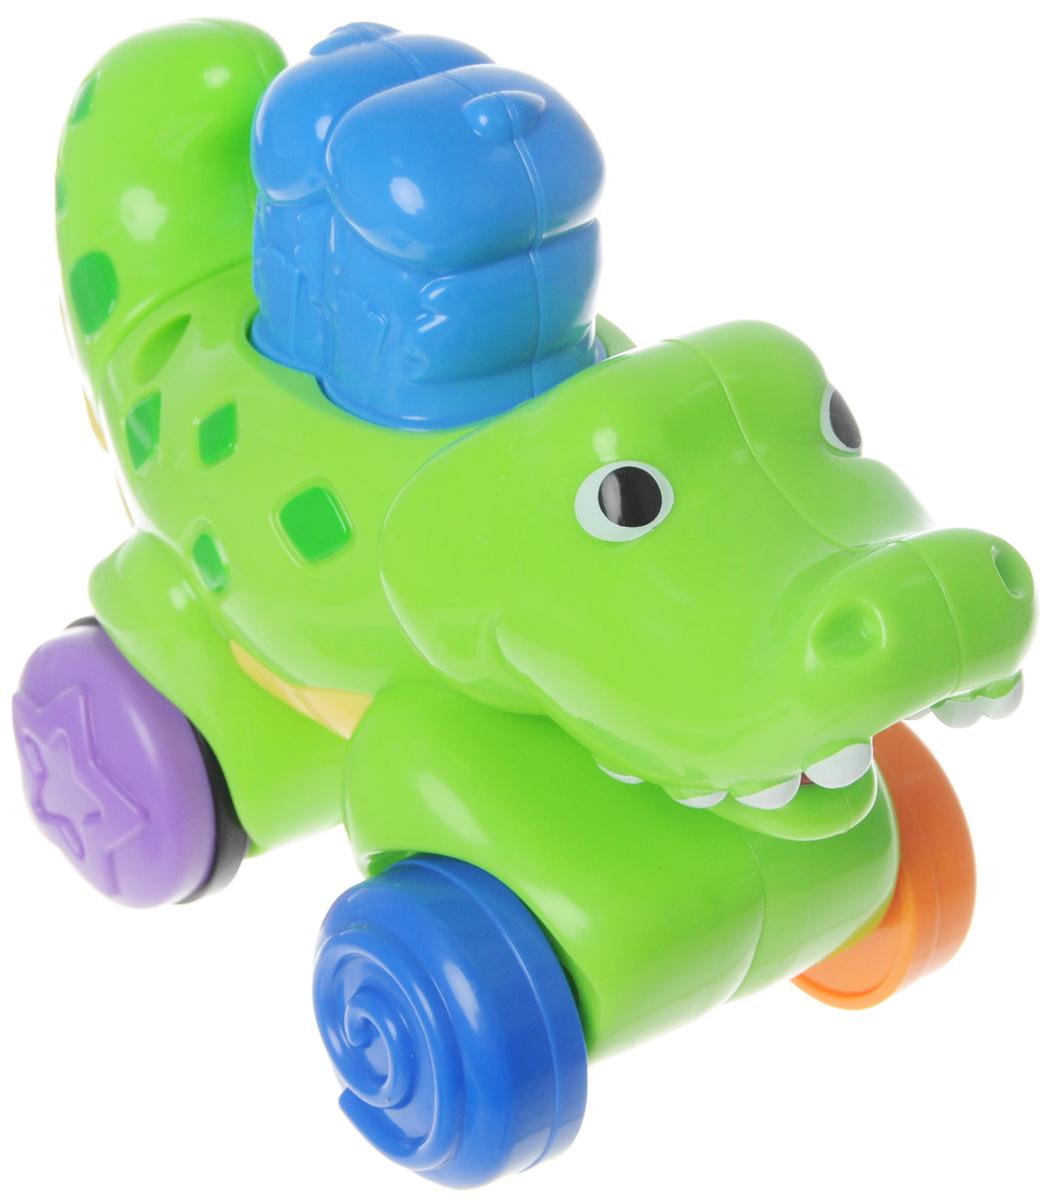 Fisher Price Развивающая игрушка КрокодилN8160_N8161Развивающая игрушка Fisher Price Крокодил - веселая игра с ползанием и догонялками! Игры с веселым животным порадуют ребенка. Когда ребенок нажмет на птичек, сидящих на спине крокодила, он весело покатится по полу, смыкая и размыкая свои челюсти. Игрушка развивает мелкую моторику - забавные щелкающие звуки поощряют малыша держать и поворачивать хвост крокодила, общую моторику - яркие крутящиеся колеса поощряют малыша ползать за игрушкой, укрепляя навыки общей моторики, поддержания равновесия и координацию, любознательность и тягу к новым свершениям. Обучает малыша причинно-следственным связям.